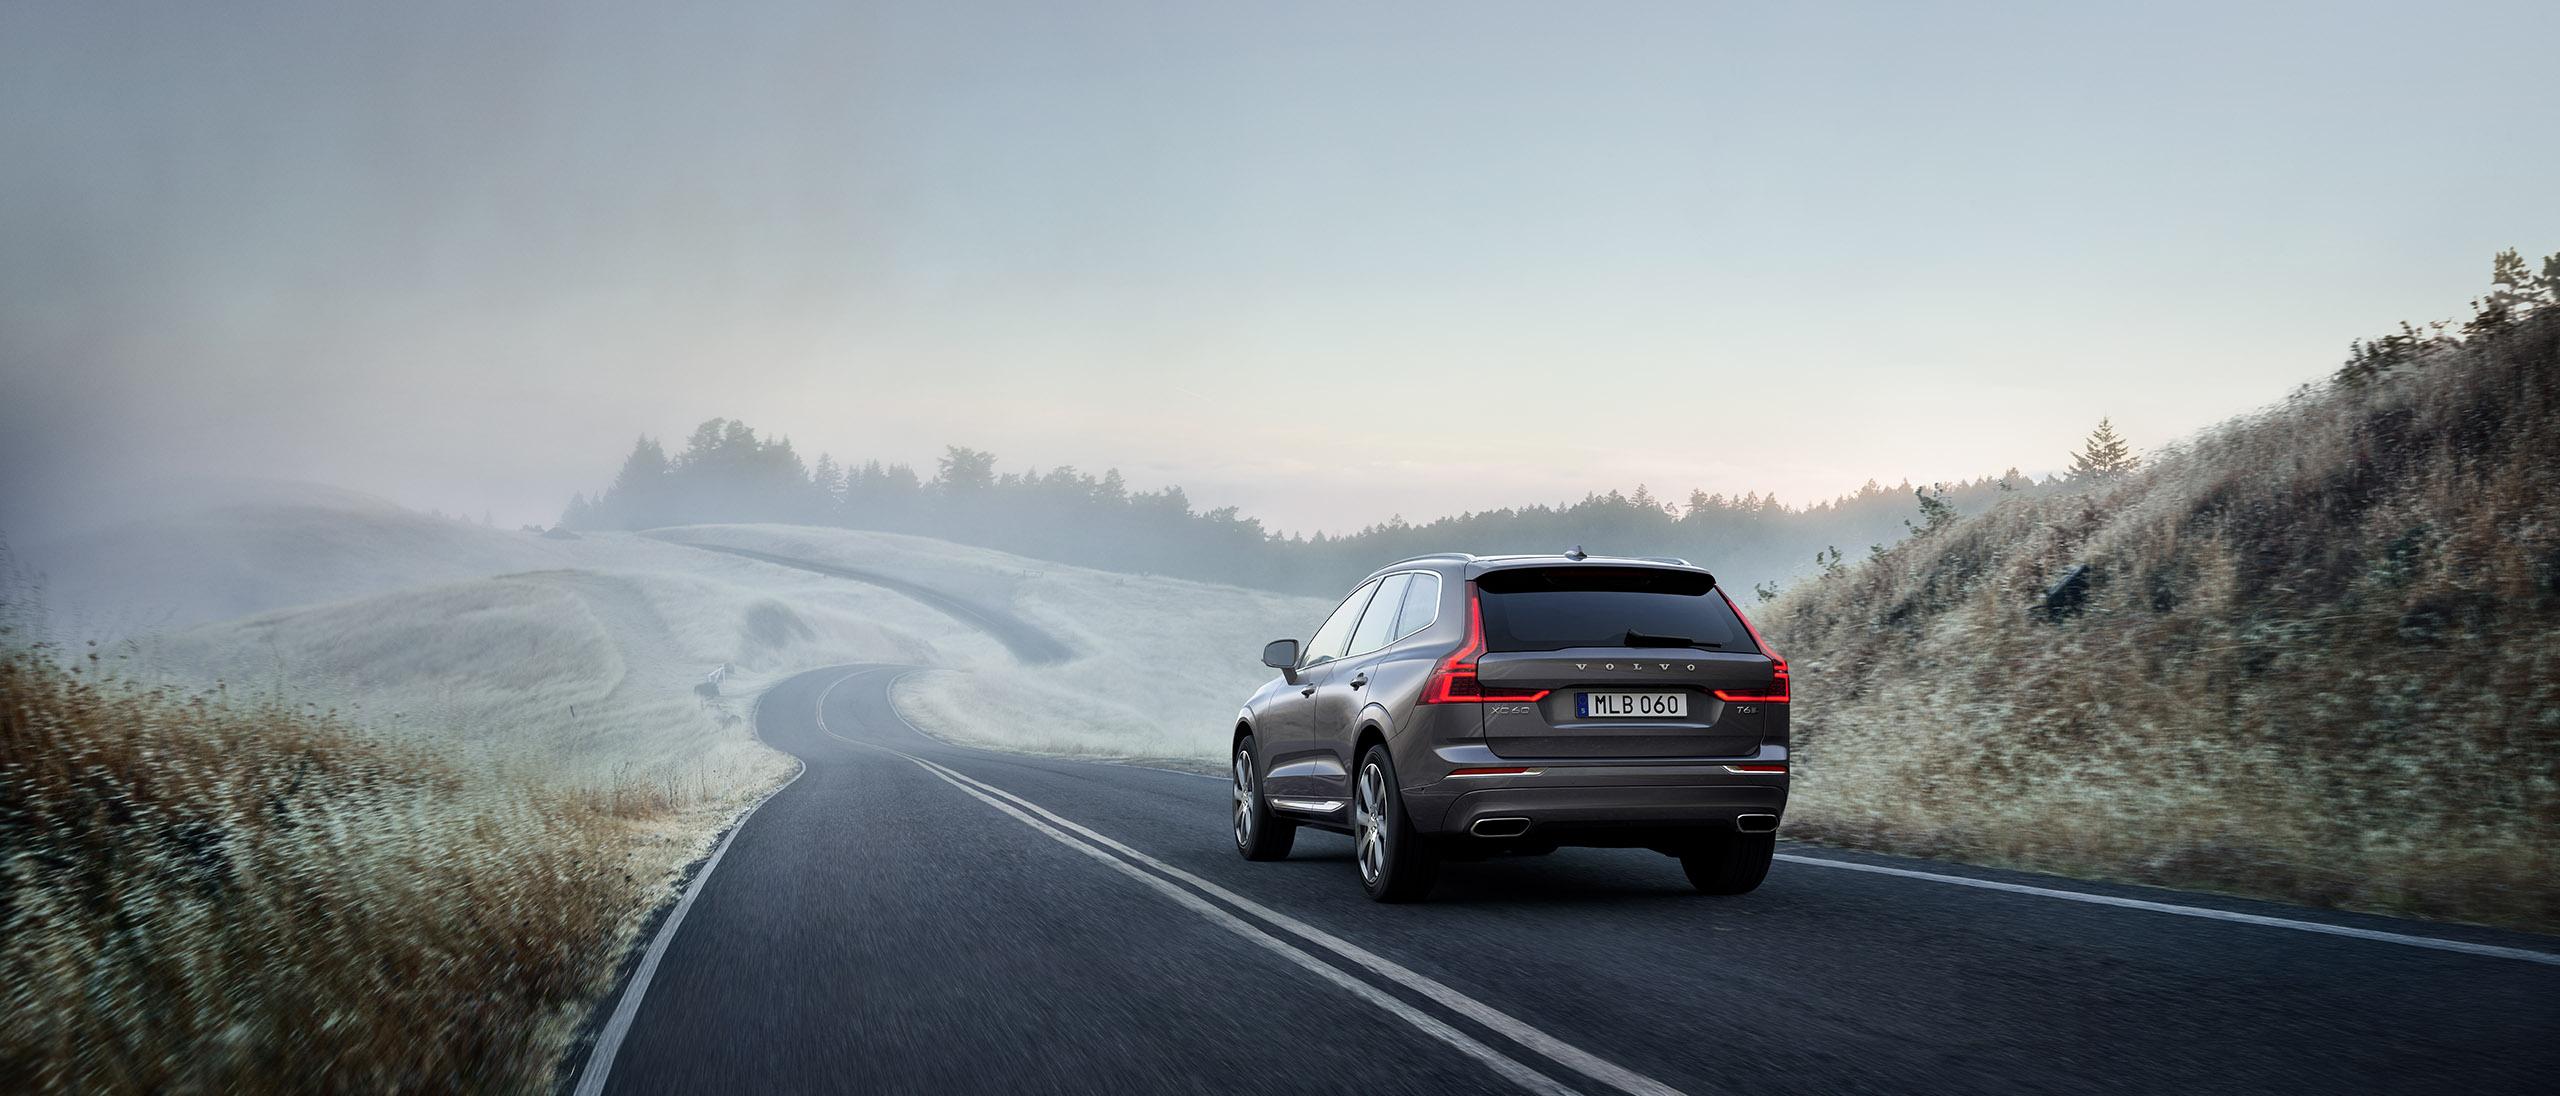 En grå Volvo XC60 kører på landevejen blandt marker ved daggry